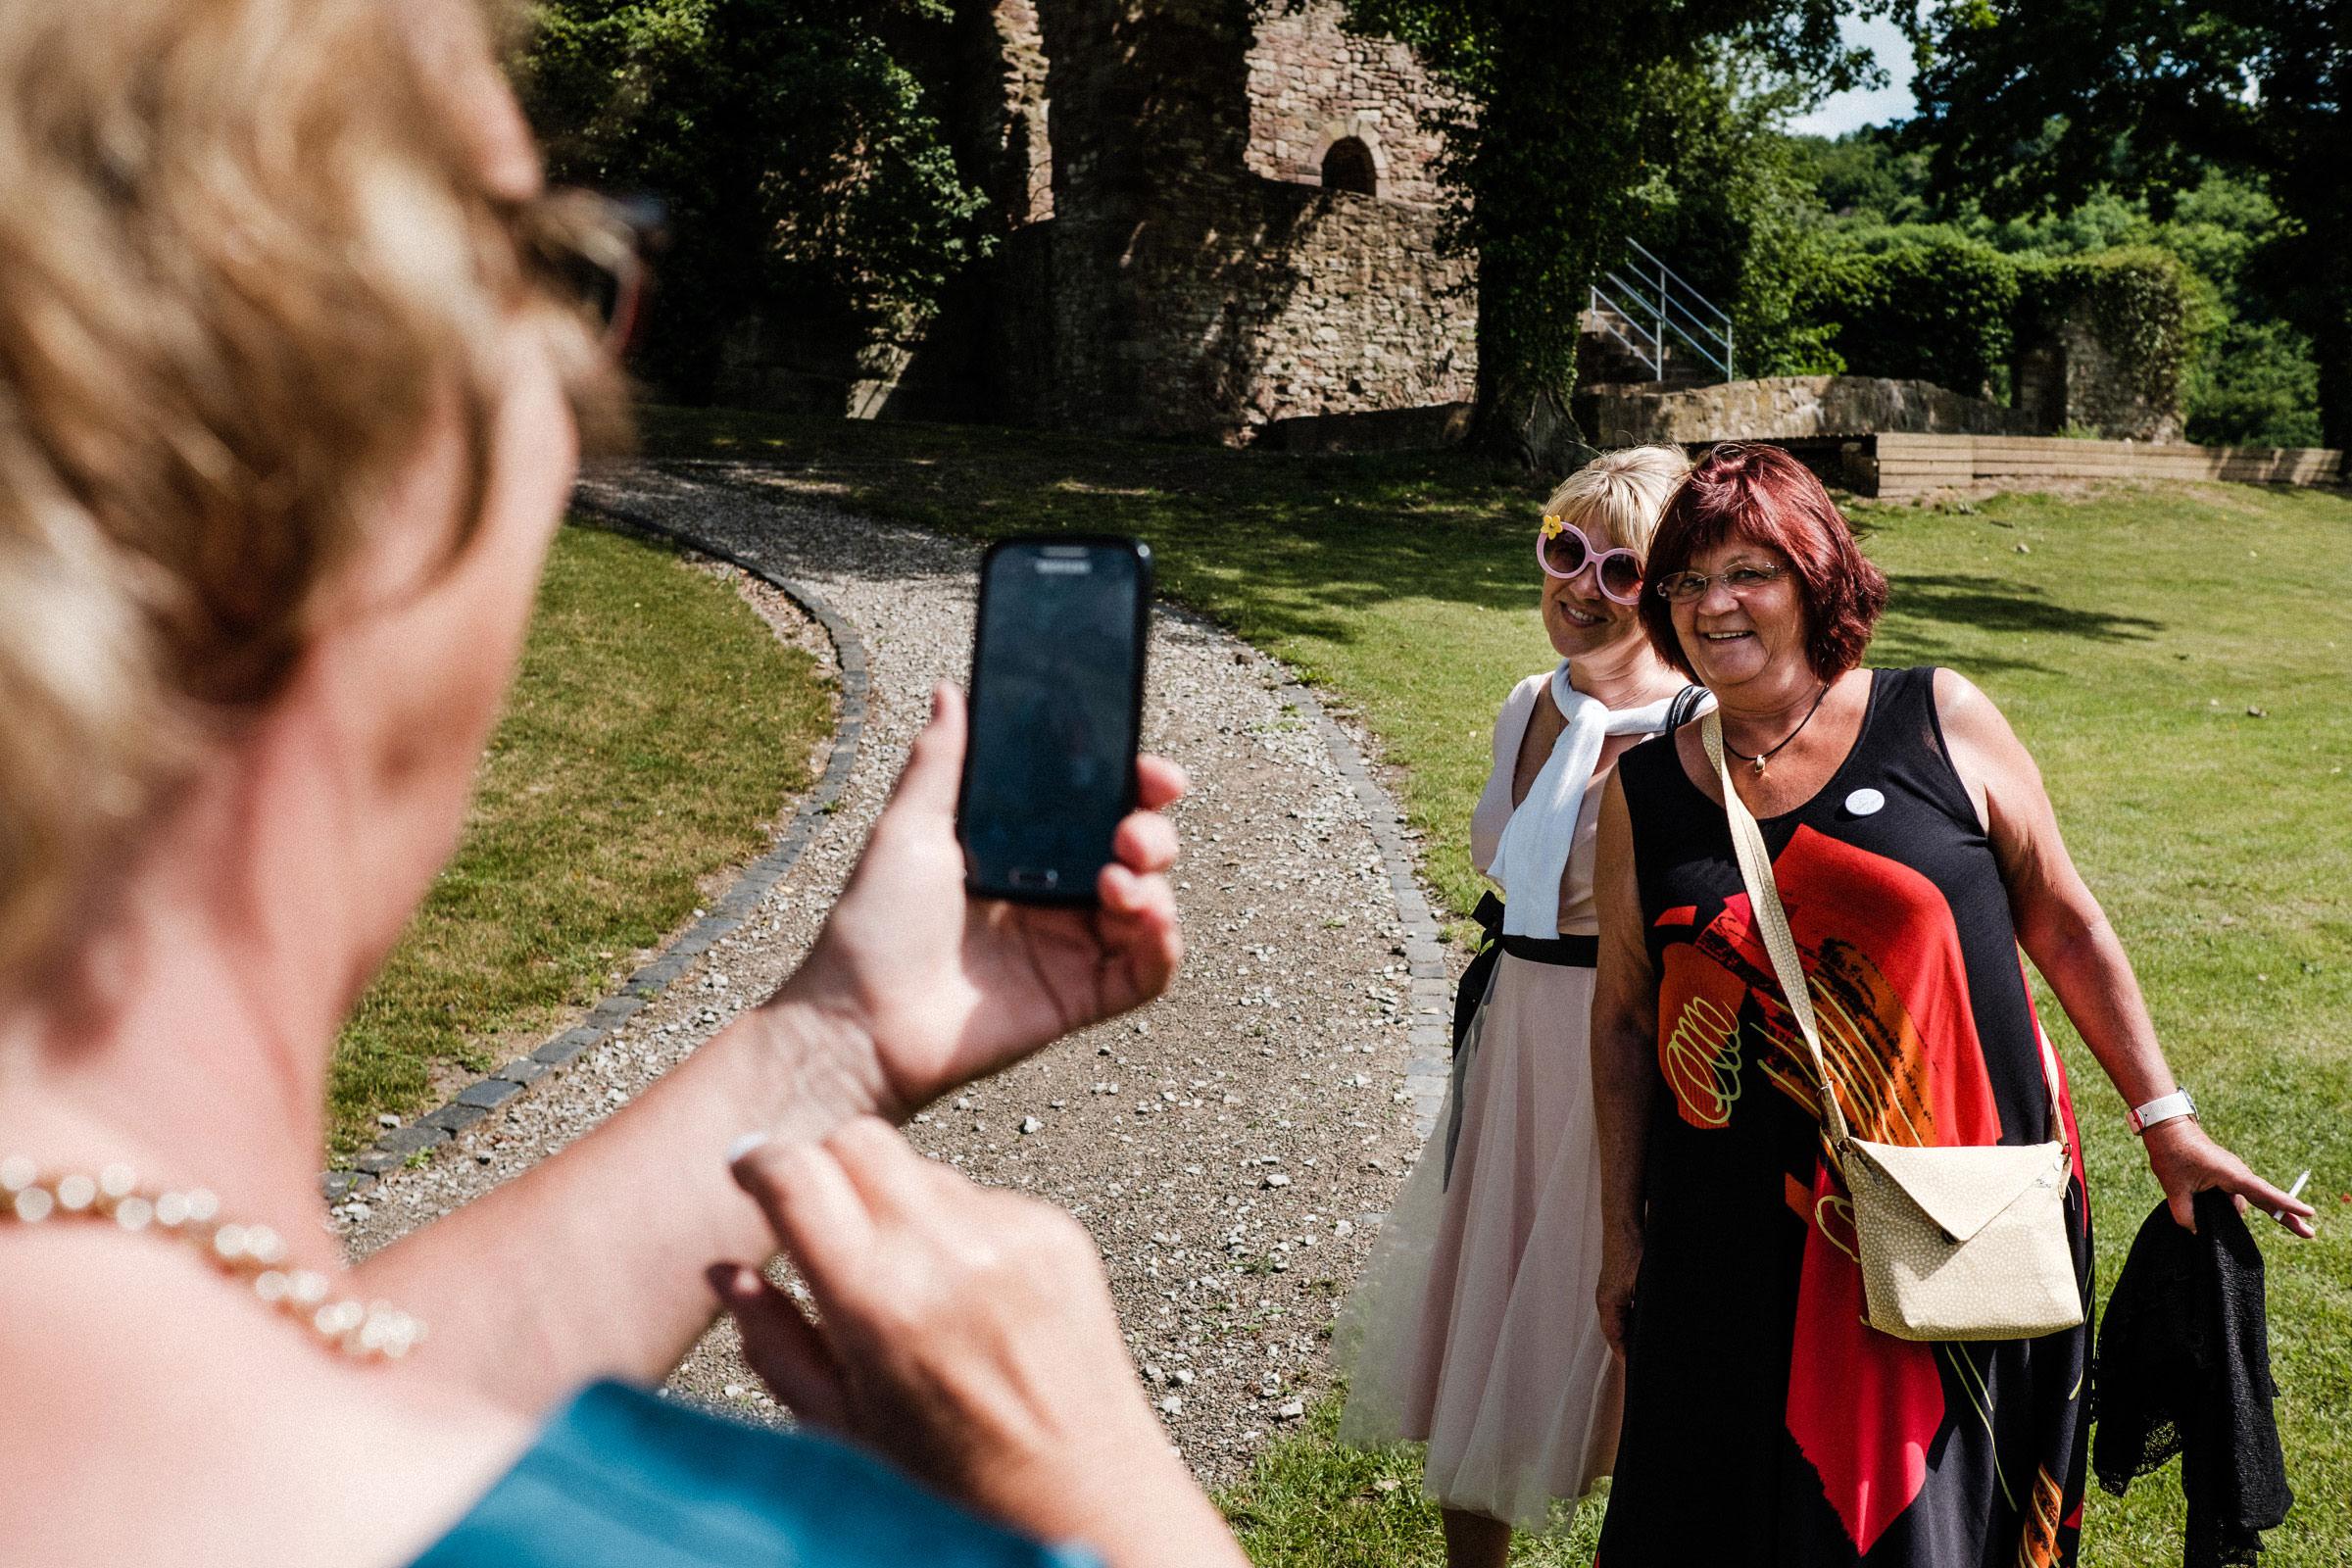 Hochzeitsgäste fotografieren sich gegenseitig auf der Hochzeit